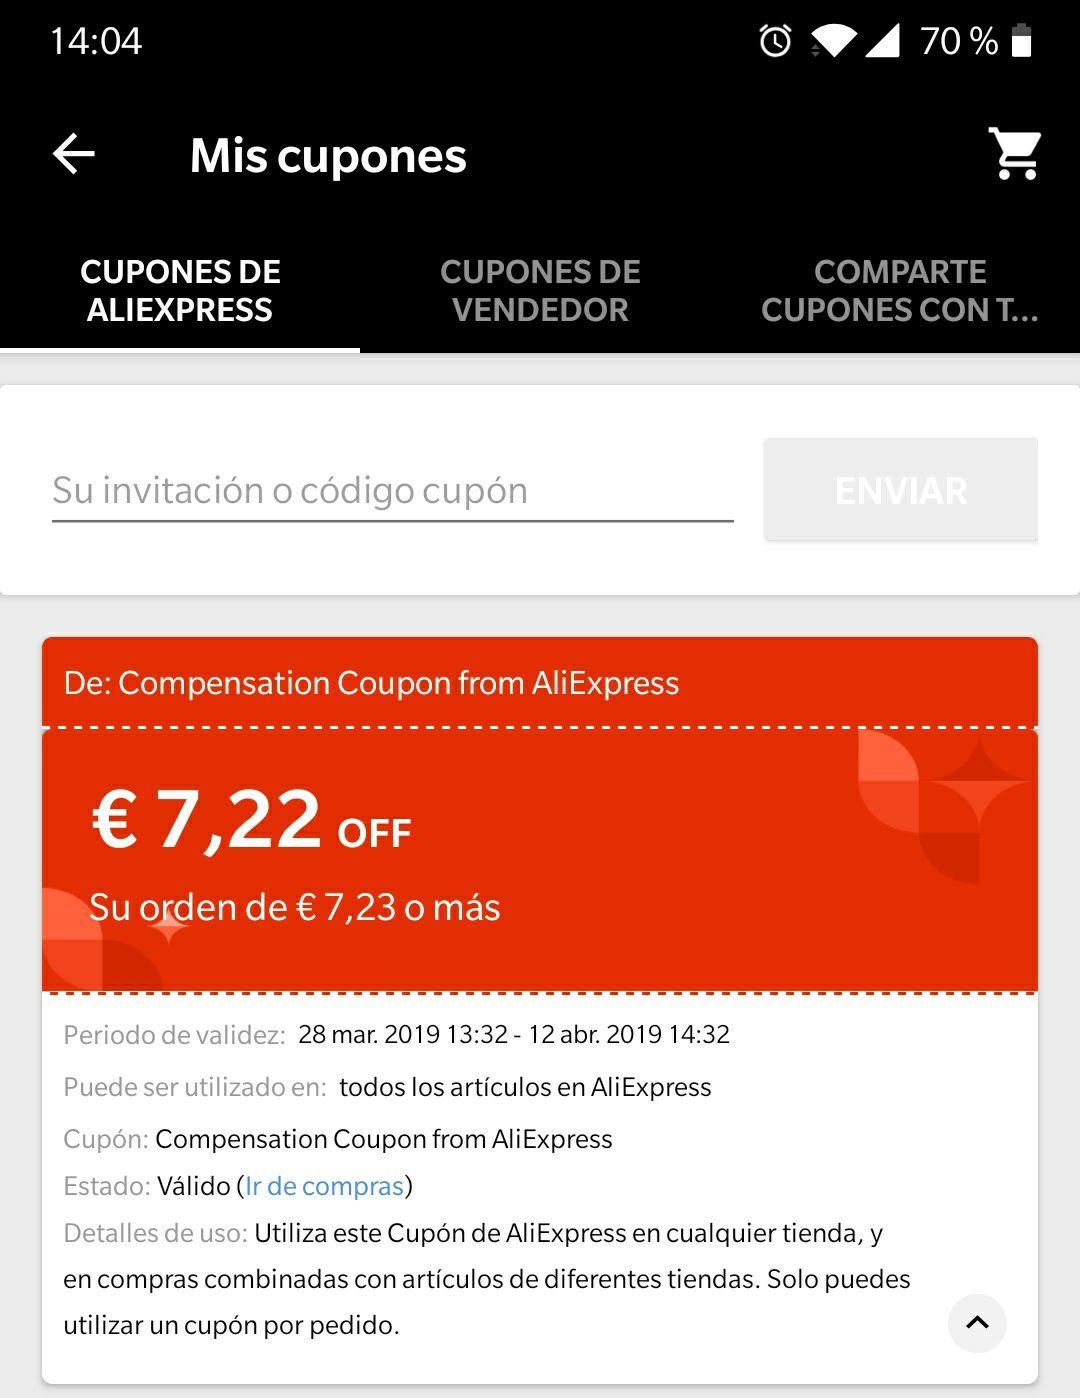 Cupon de 7,22€ por compras superiores a 7,23€ (compensación por el fallo de PayPal)